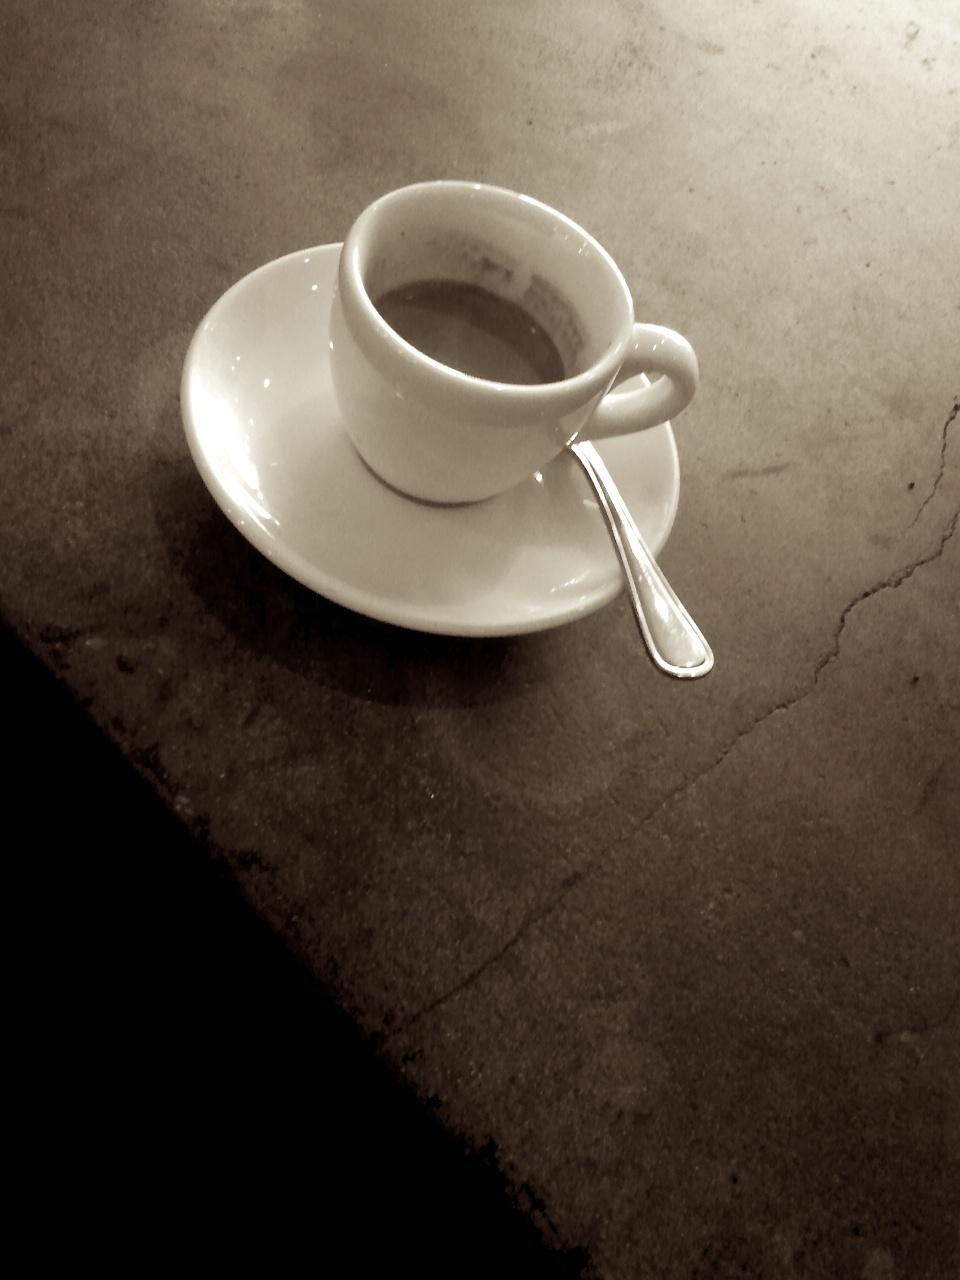 SF_ritual_espresso.jpg